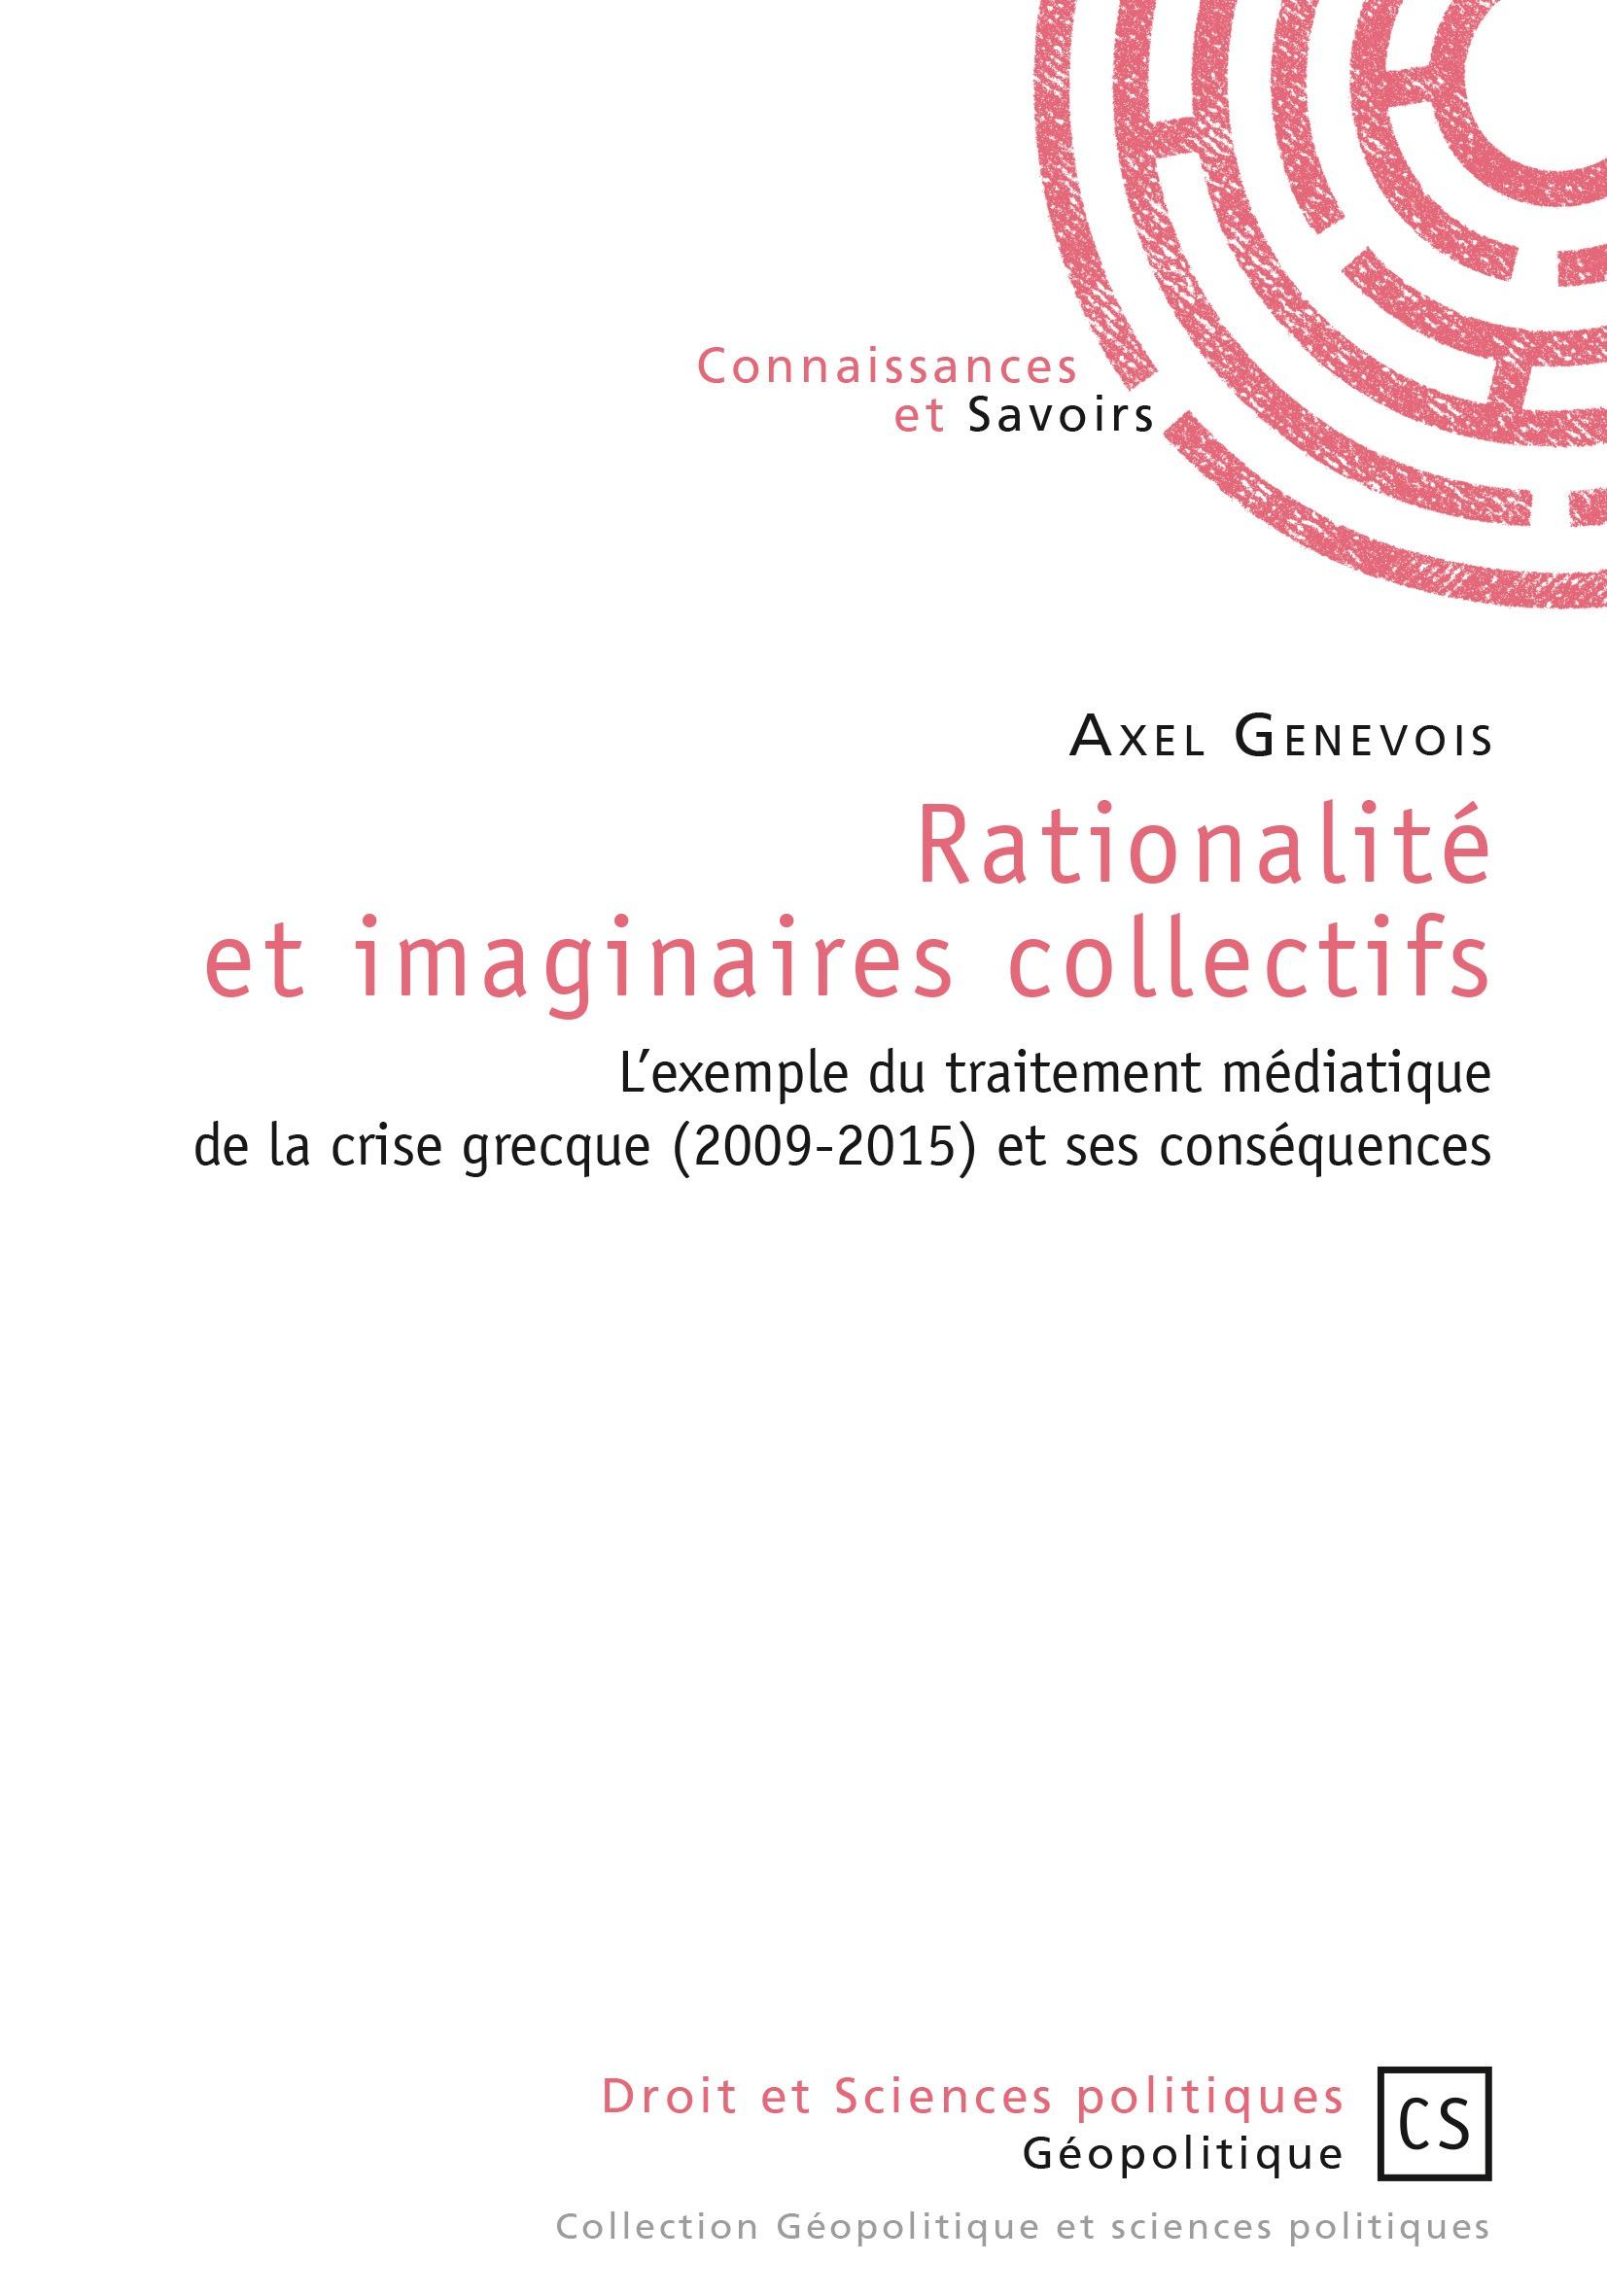 Rationalité et imaginaires collectifs